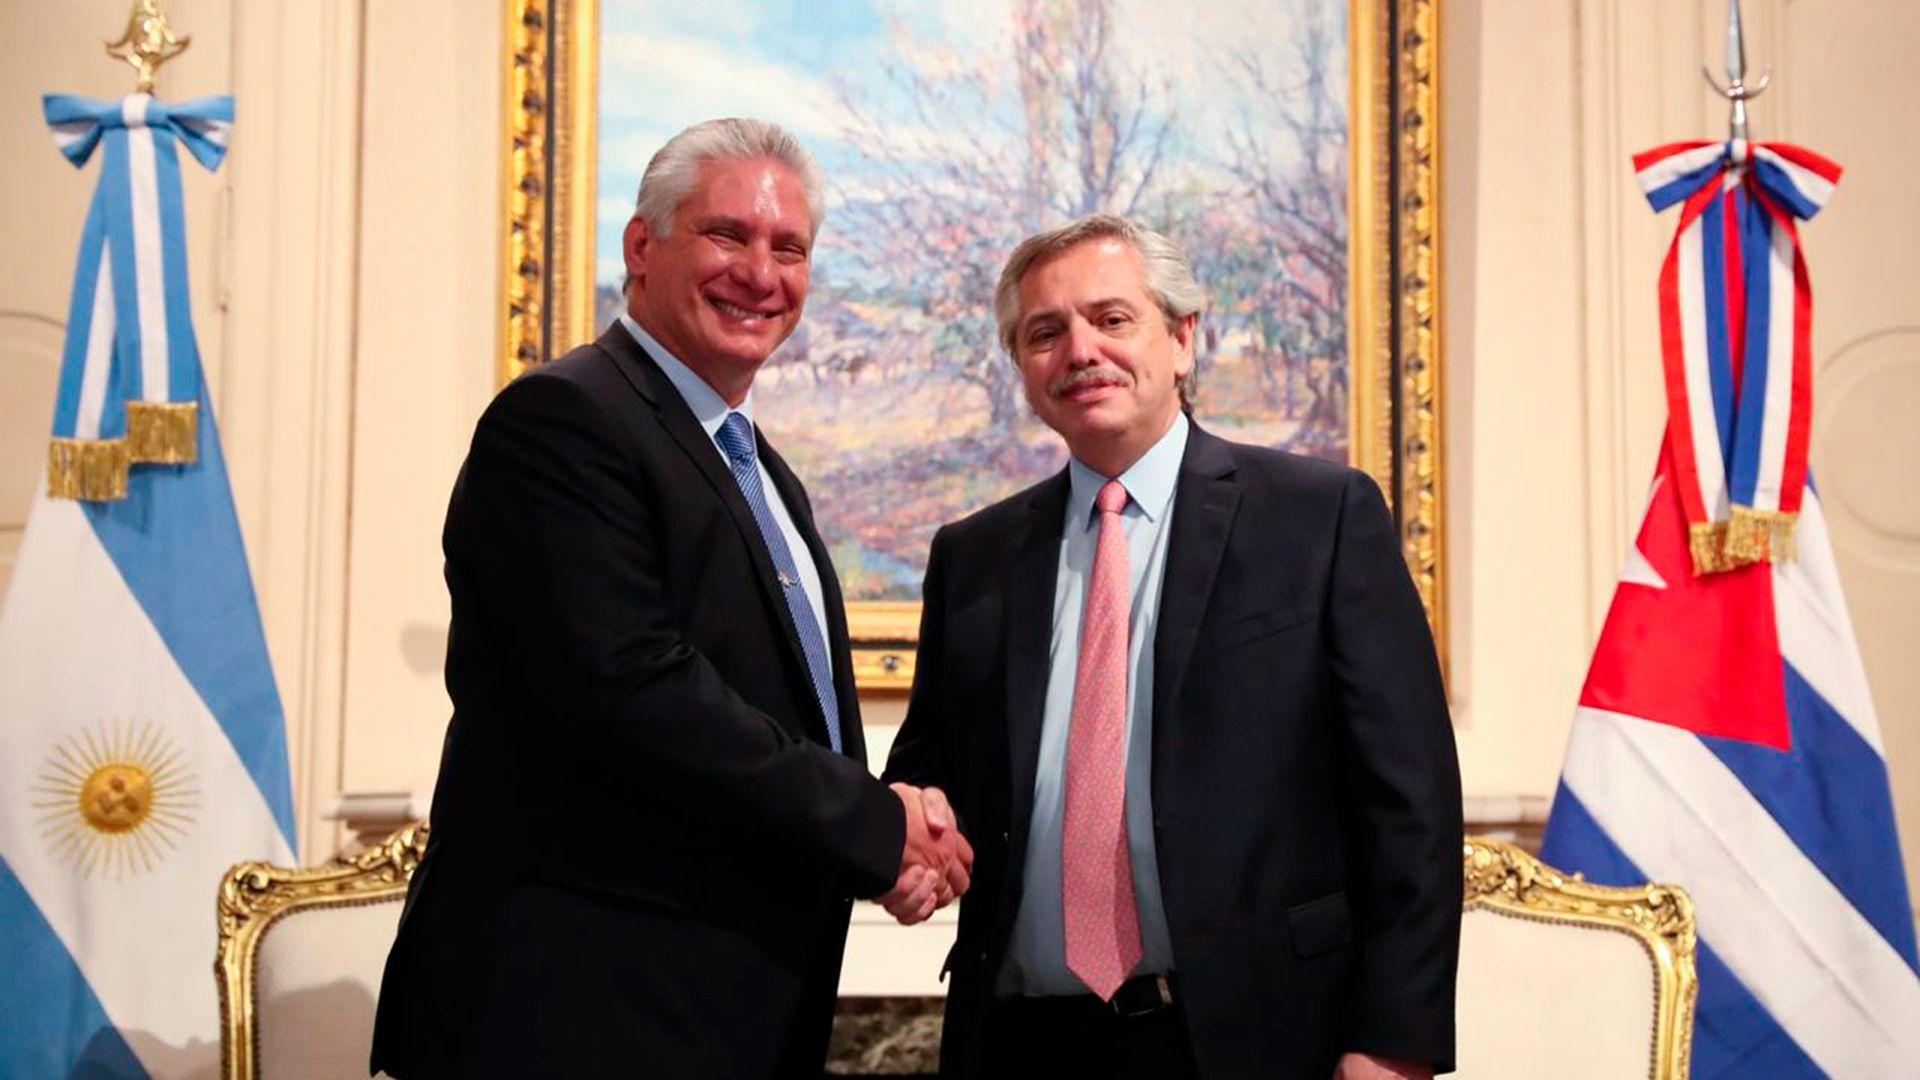 El presidente Alberto Fernández junto al mandatario cubano Miguel Díaz-Canel